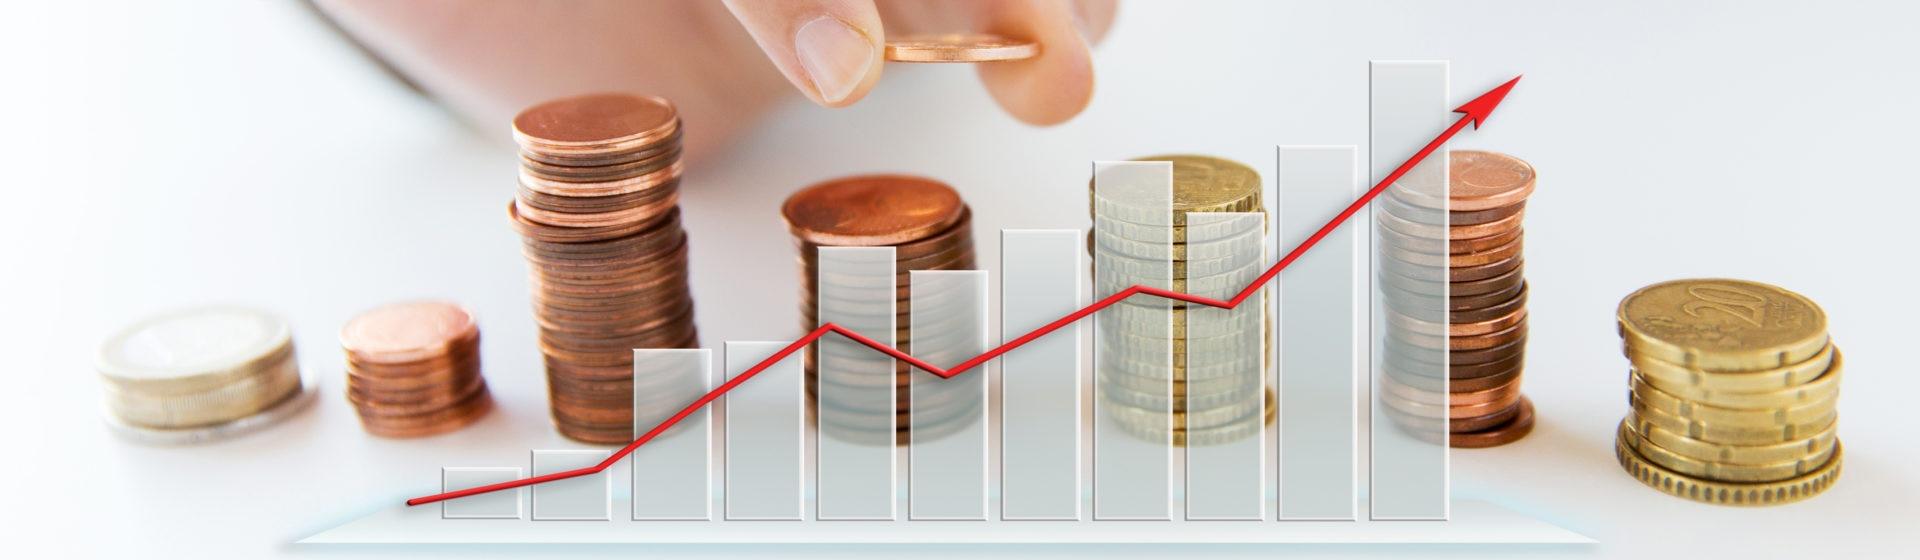 Imagen Proyecciones económicas